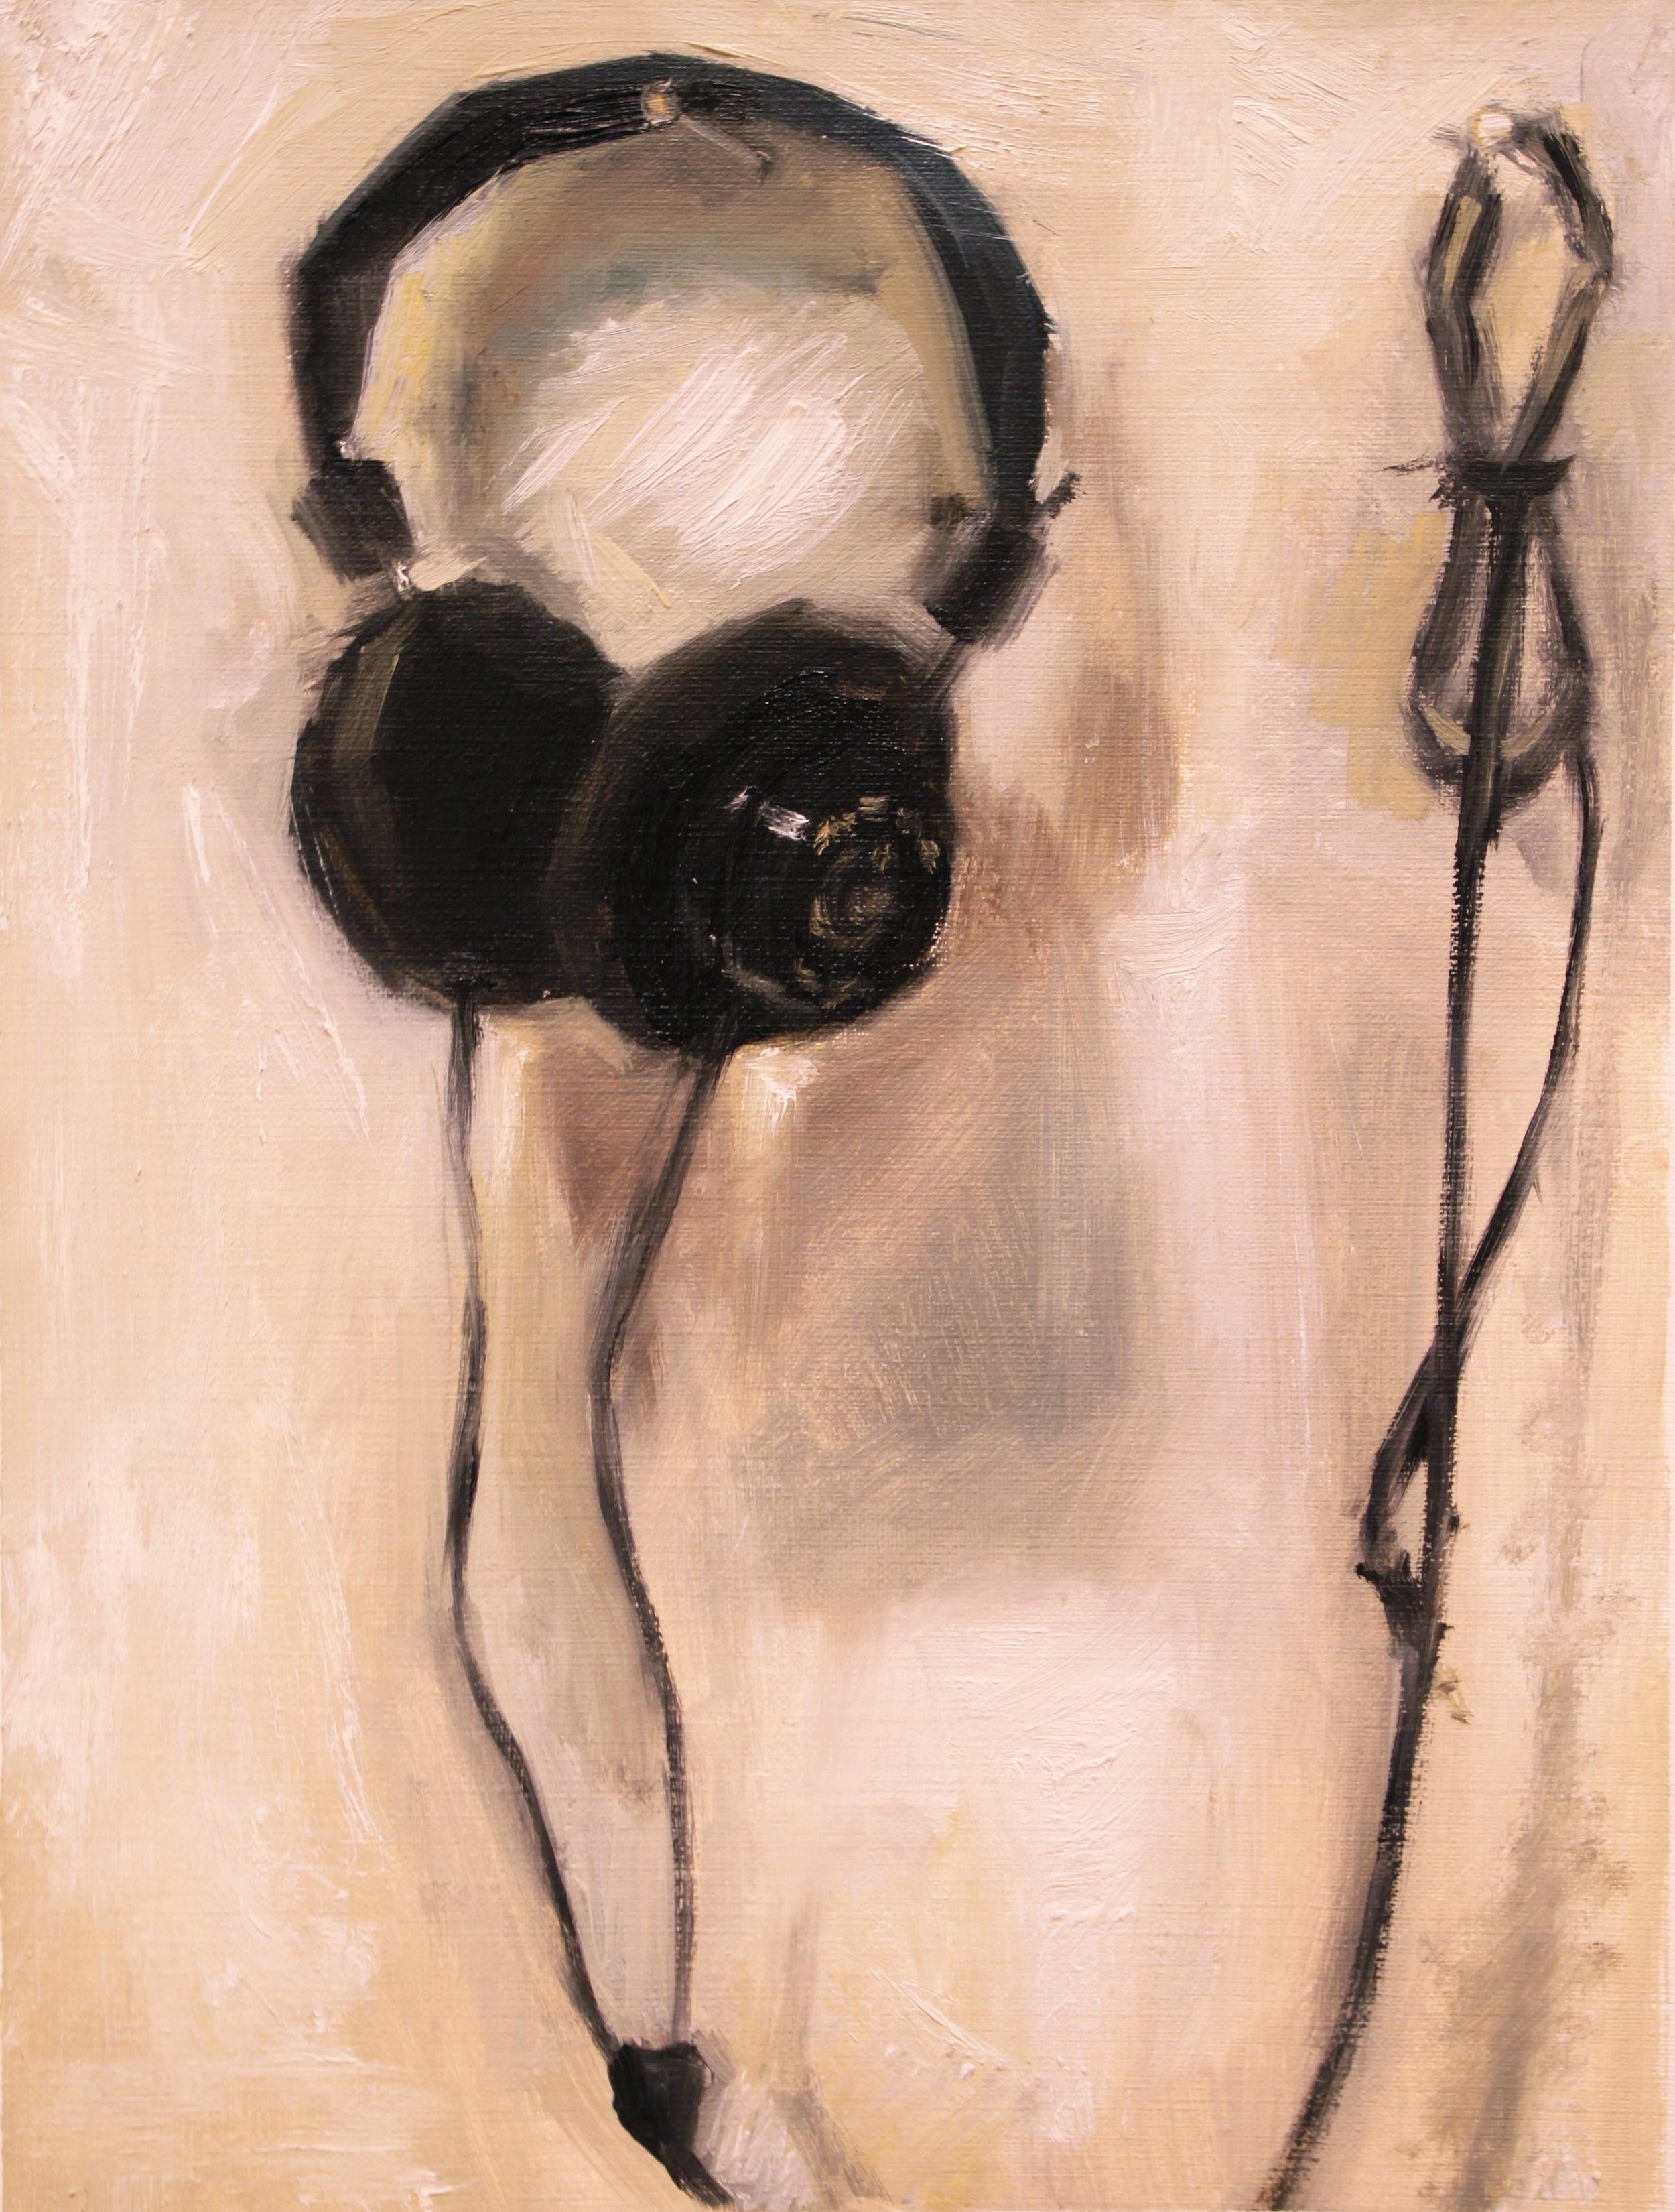 Grado, 2014, oil on canvas paper, 12 x 9 inches